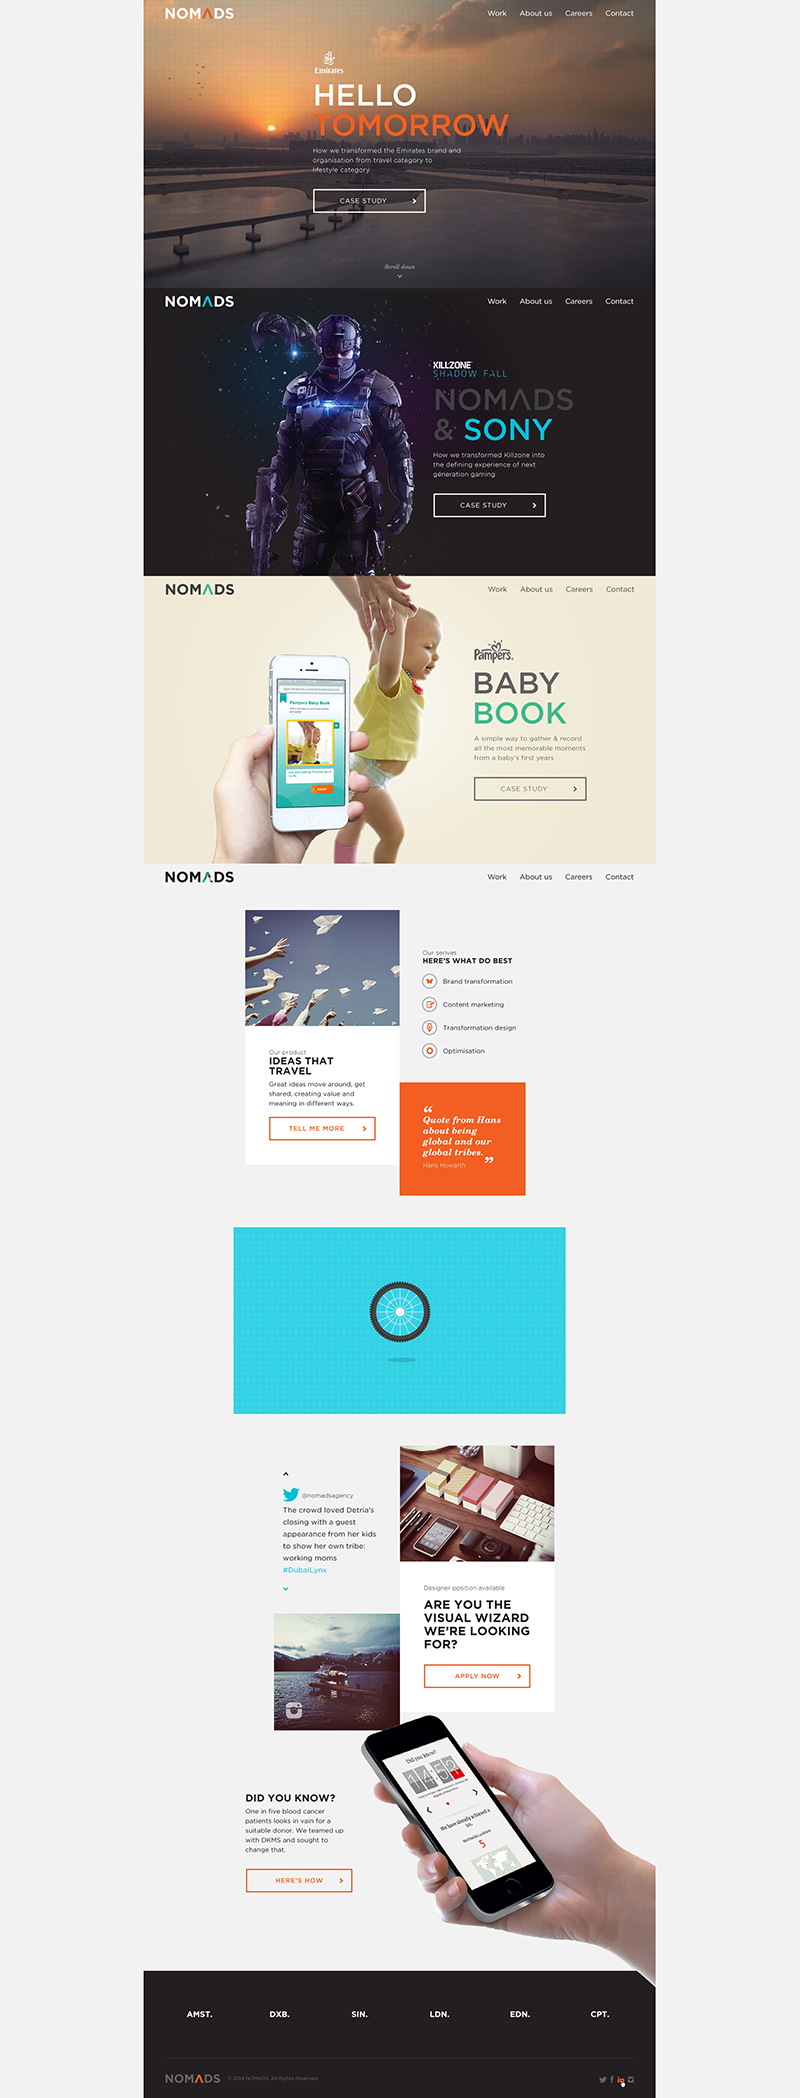 Nomads Agency design